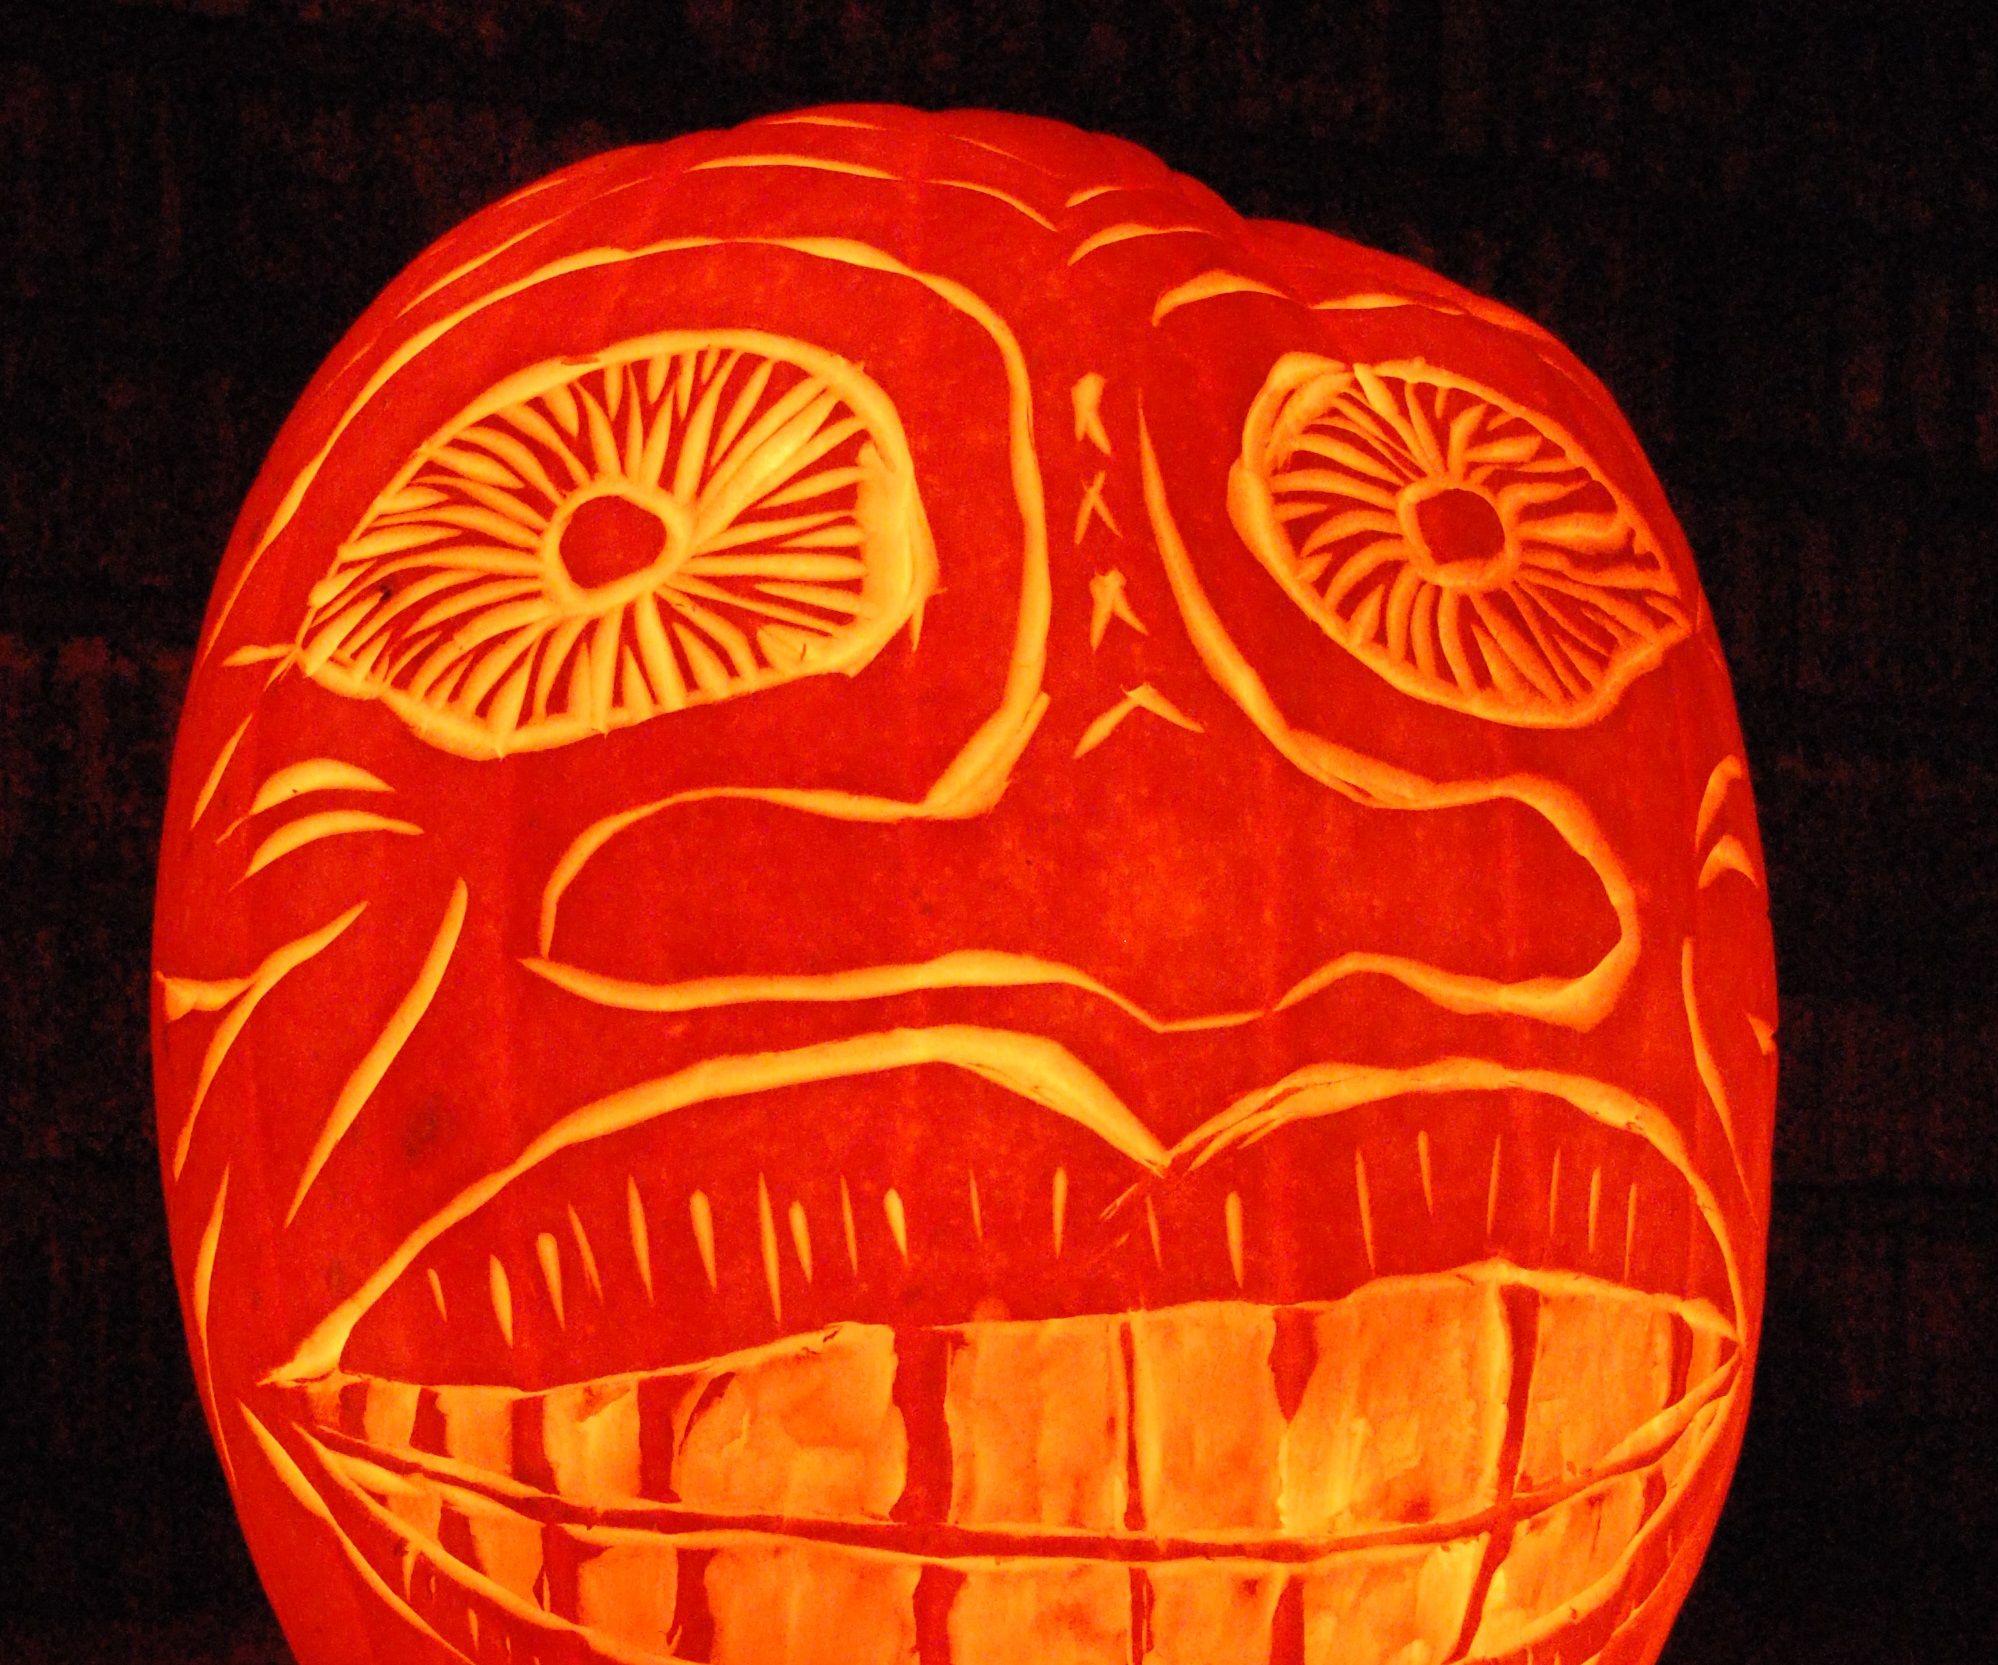 Jacked O Lantern